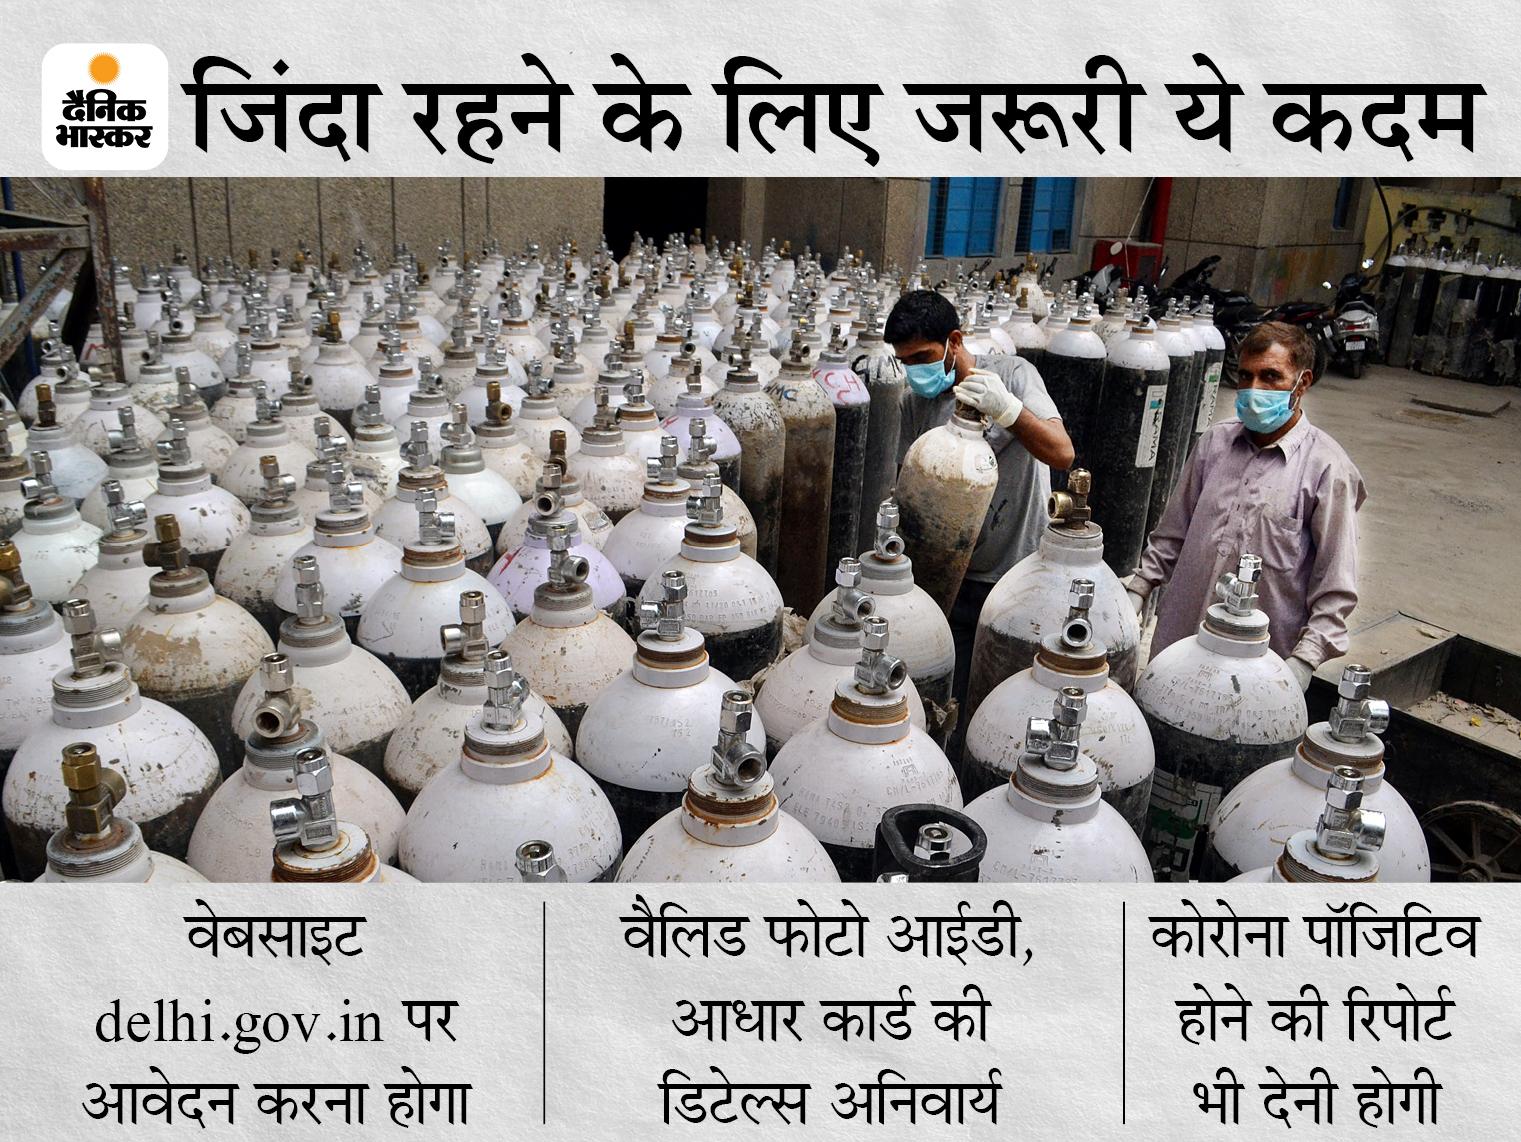 होम आइसोलेशन में ऑक्सीजन की जरूरत हो, तो ऑनलाइन आवेदन कर सकते हैं; यह सिस्टम आज से शुरू|देश,National - Dainik Bhaskar